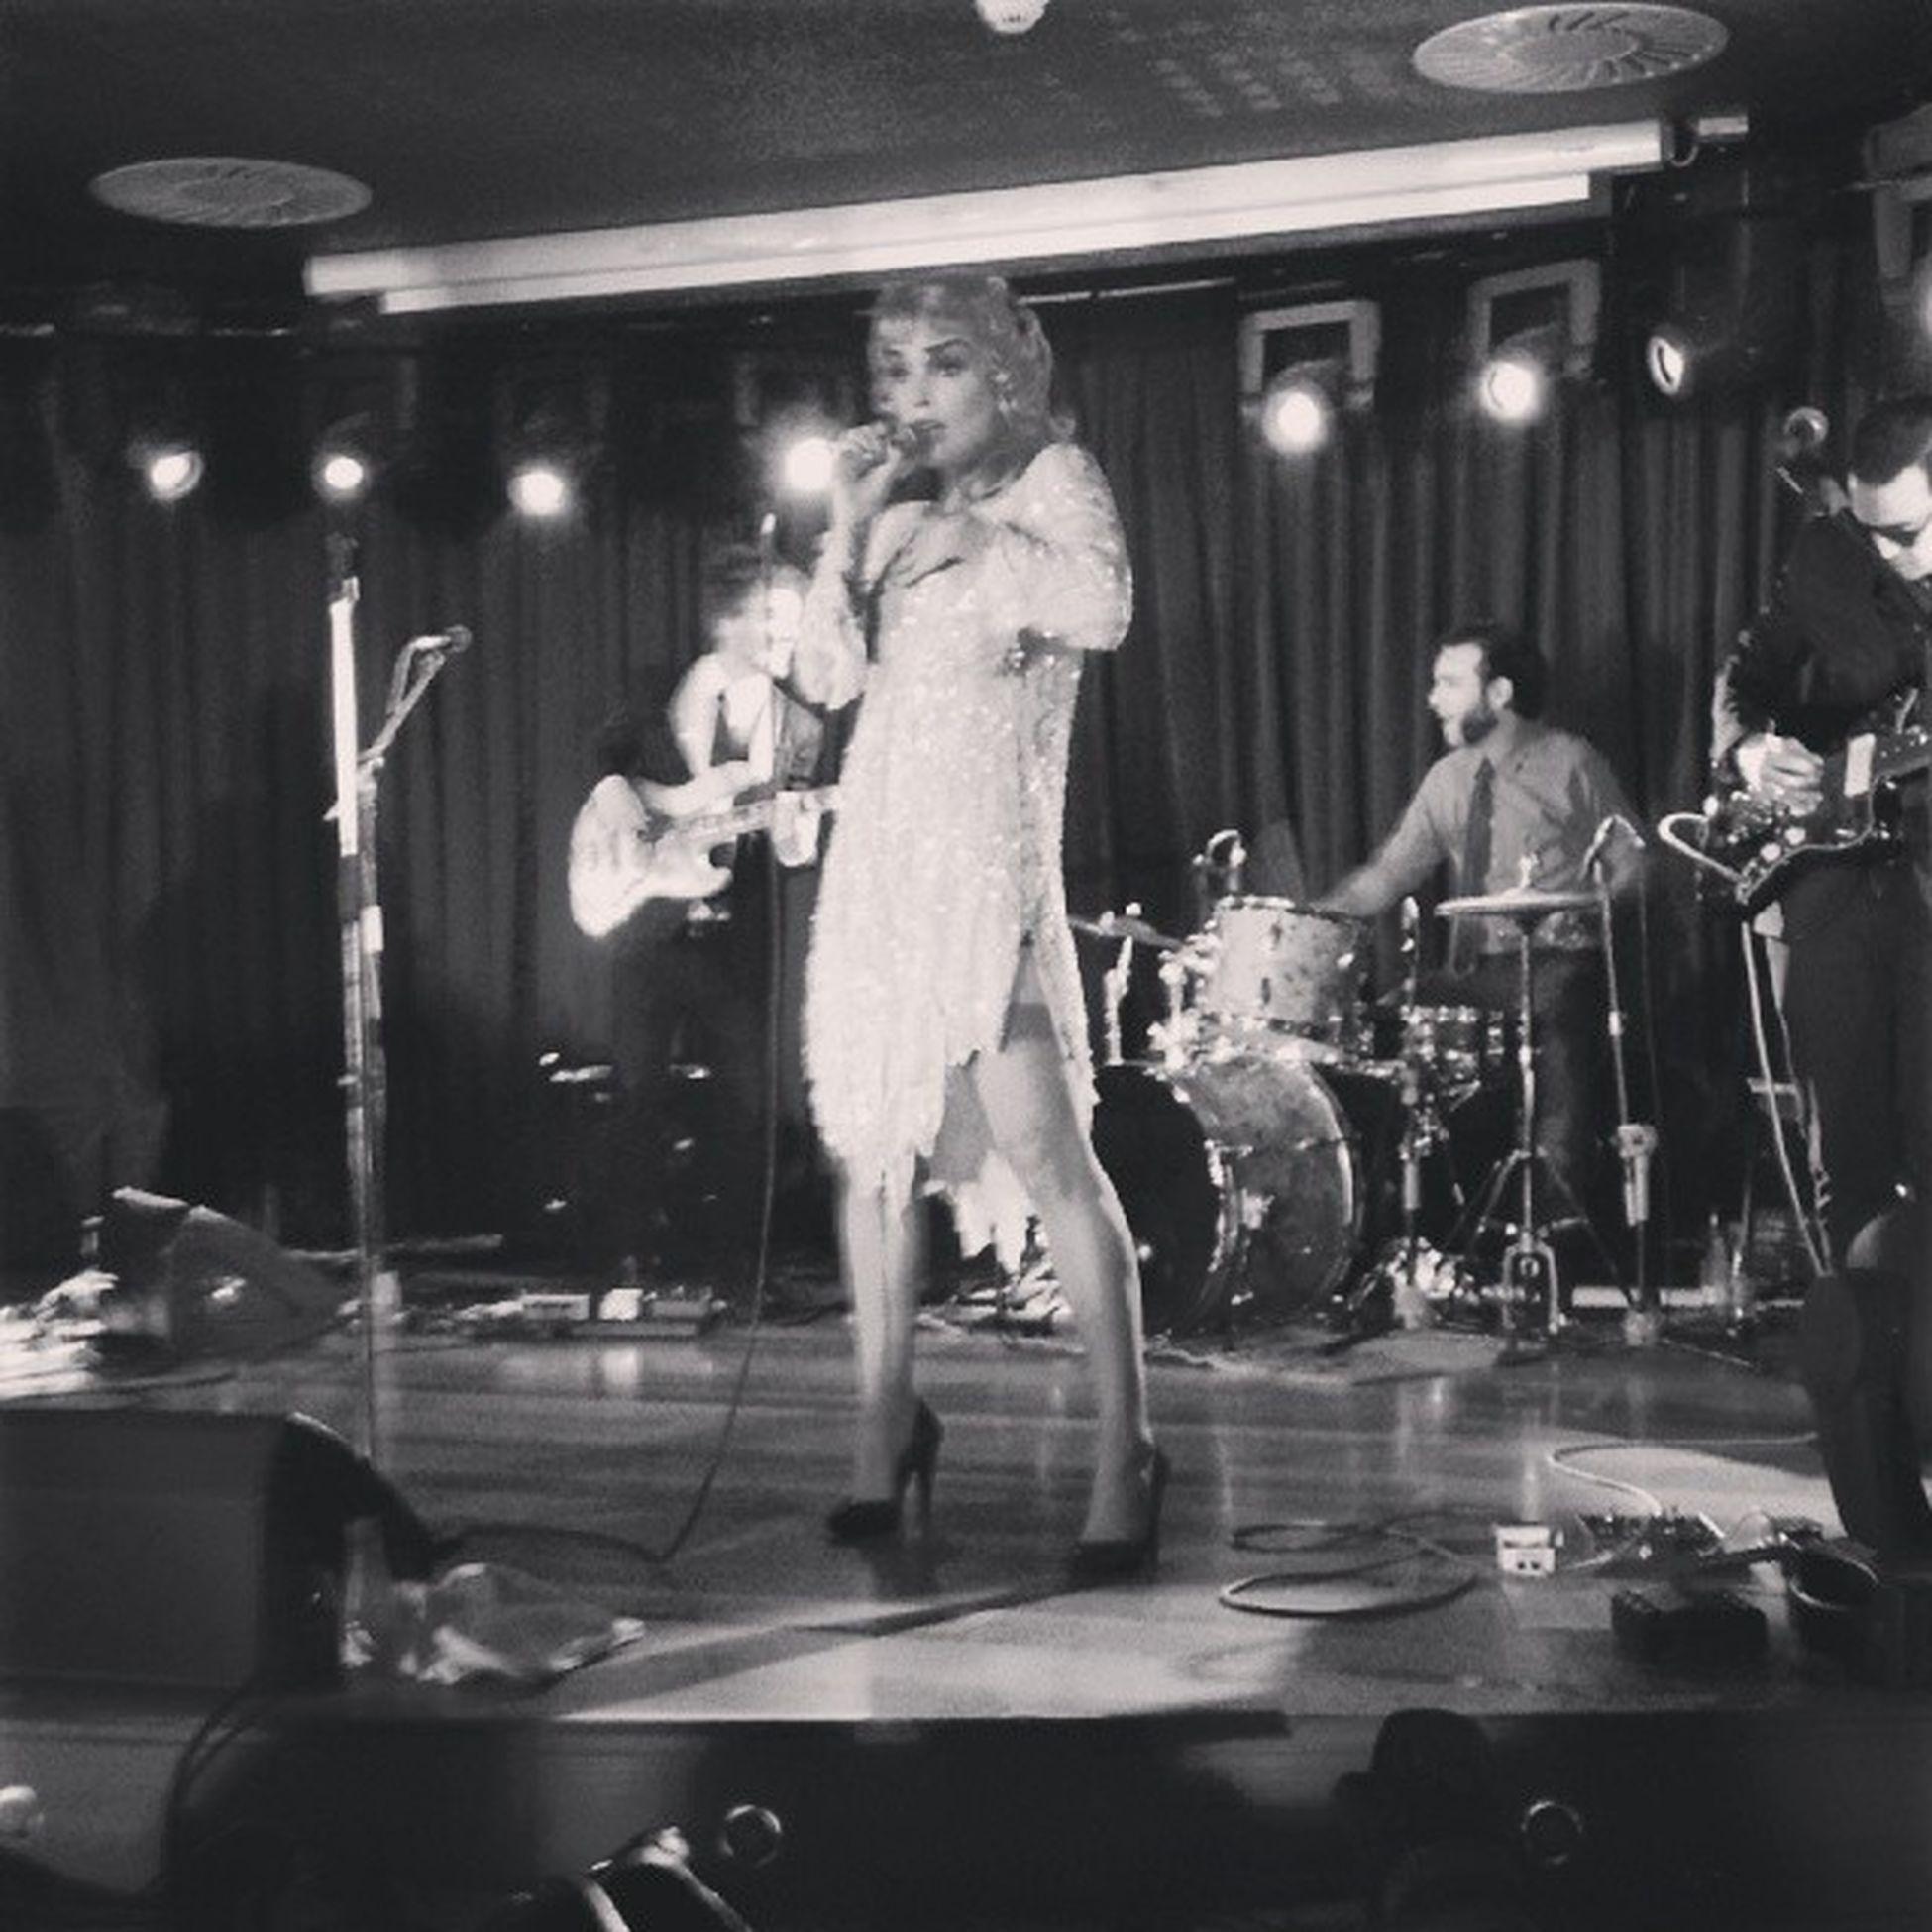 Sin palabras, un concierto brillante como ella. @vinilavonbismark Vinilavonbismark Guapisima Salaacapulco Gijón Casinodeasturias